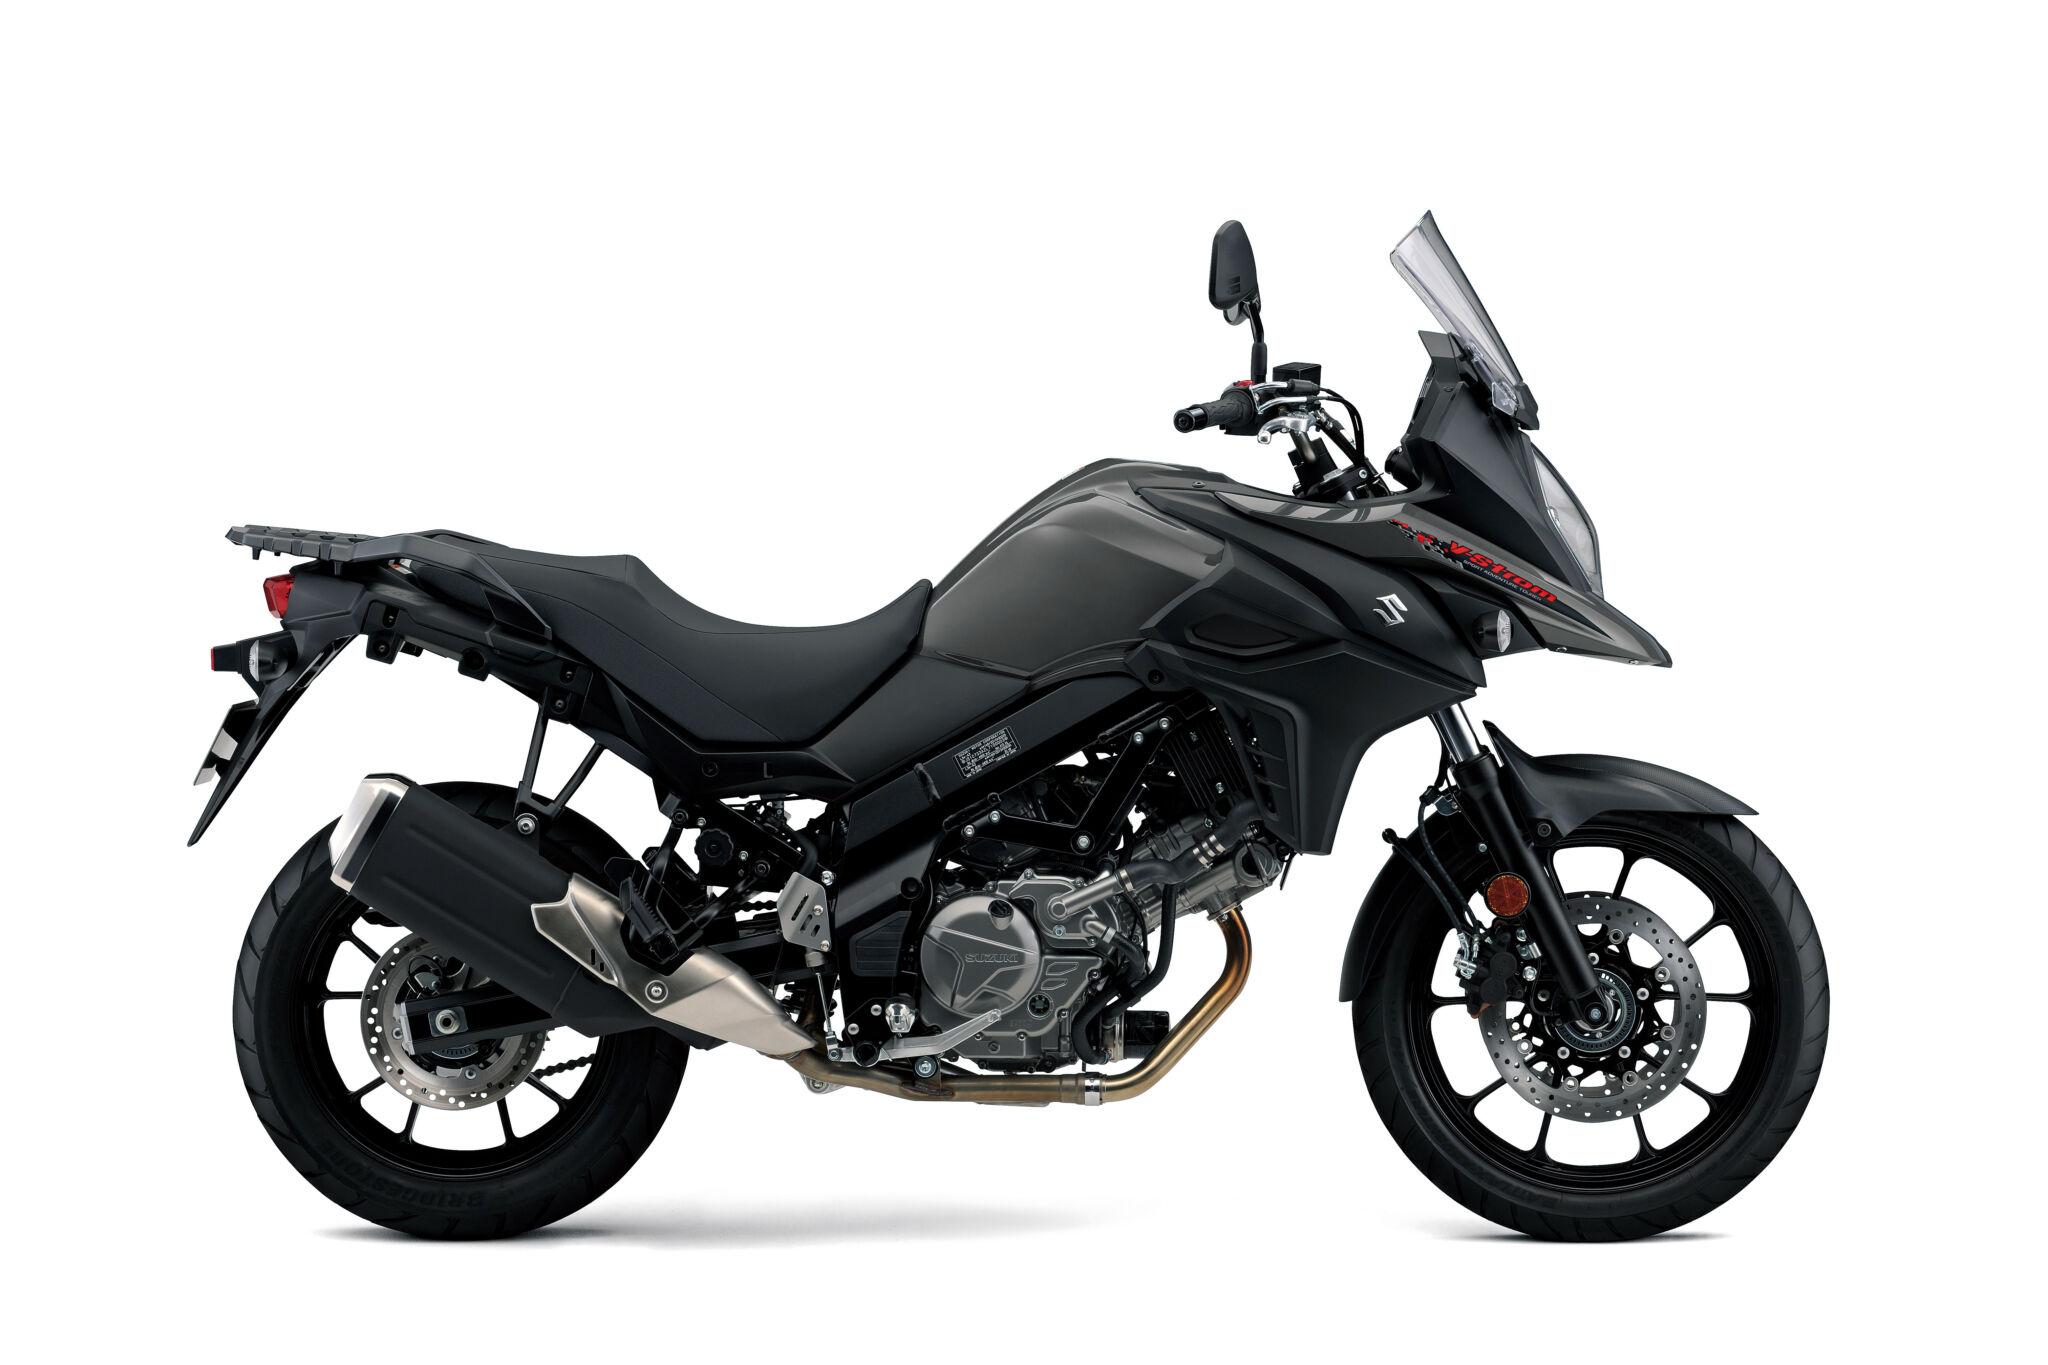 DL 650 A שחור